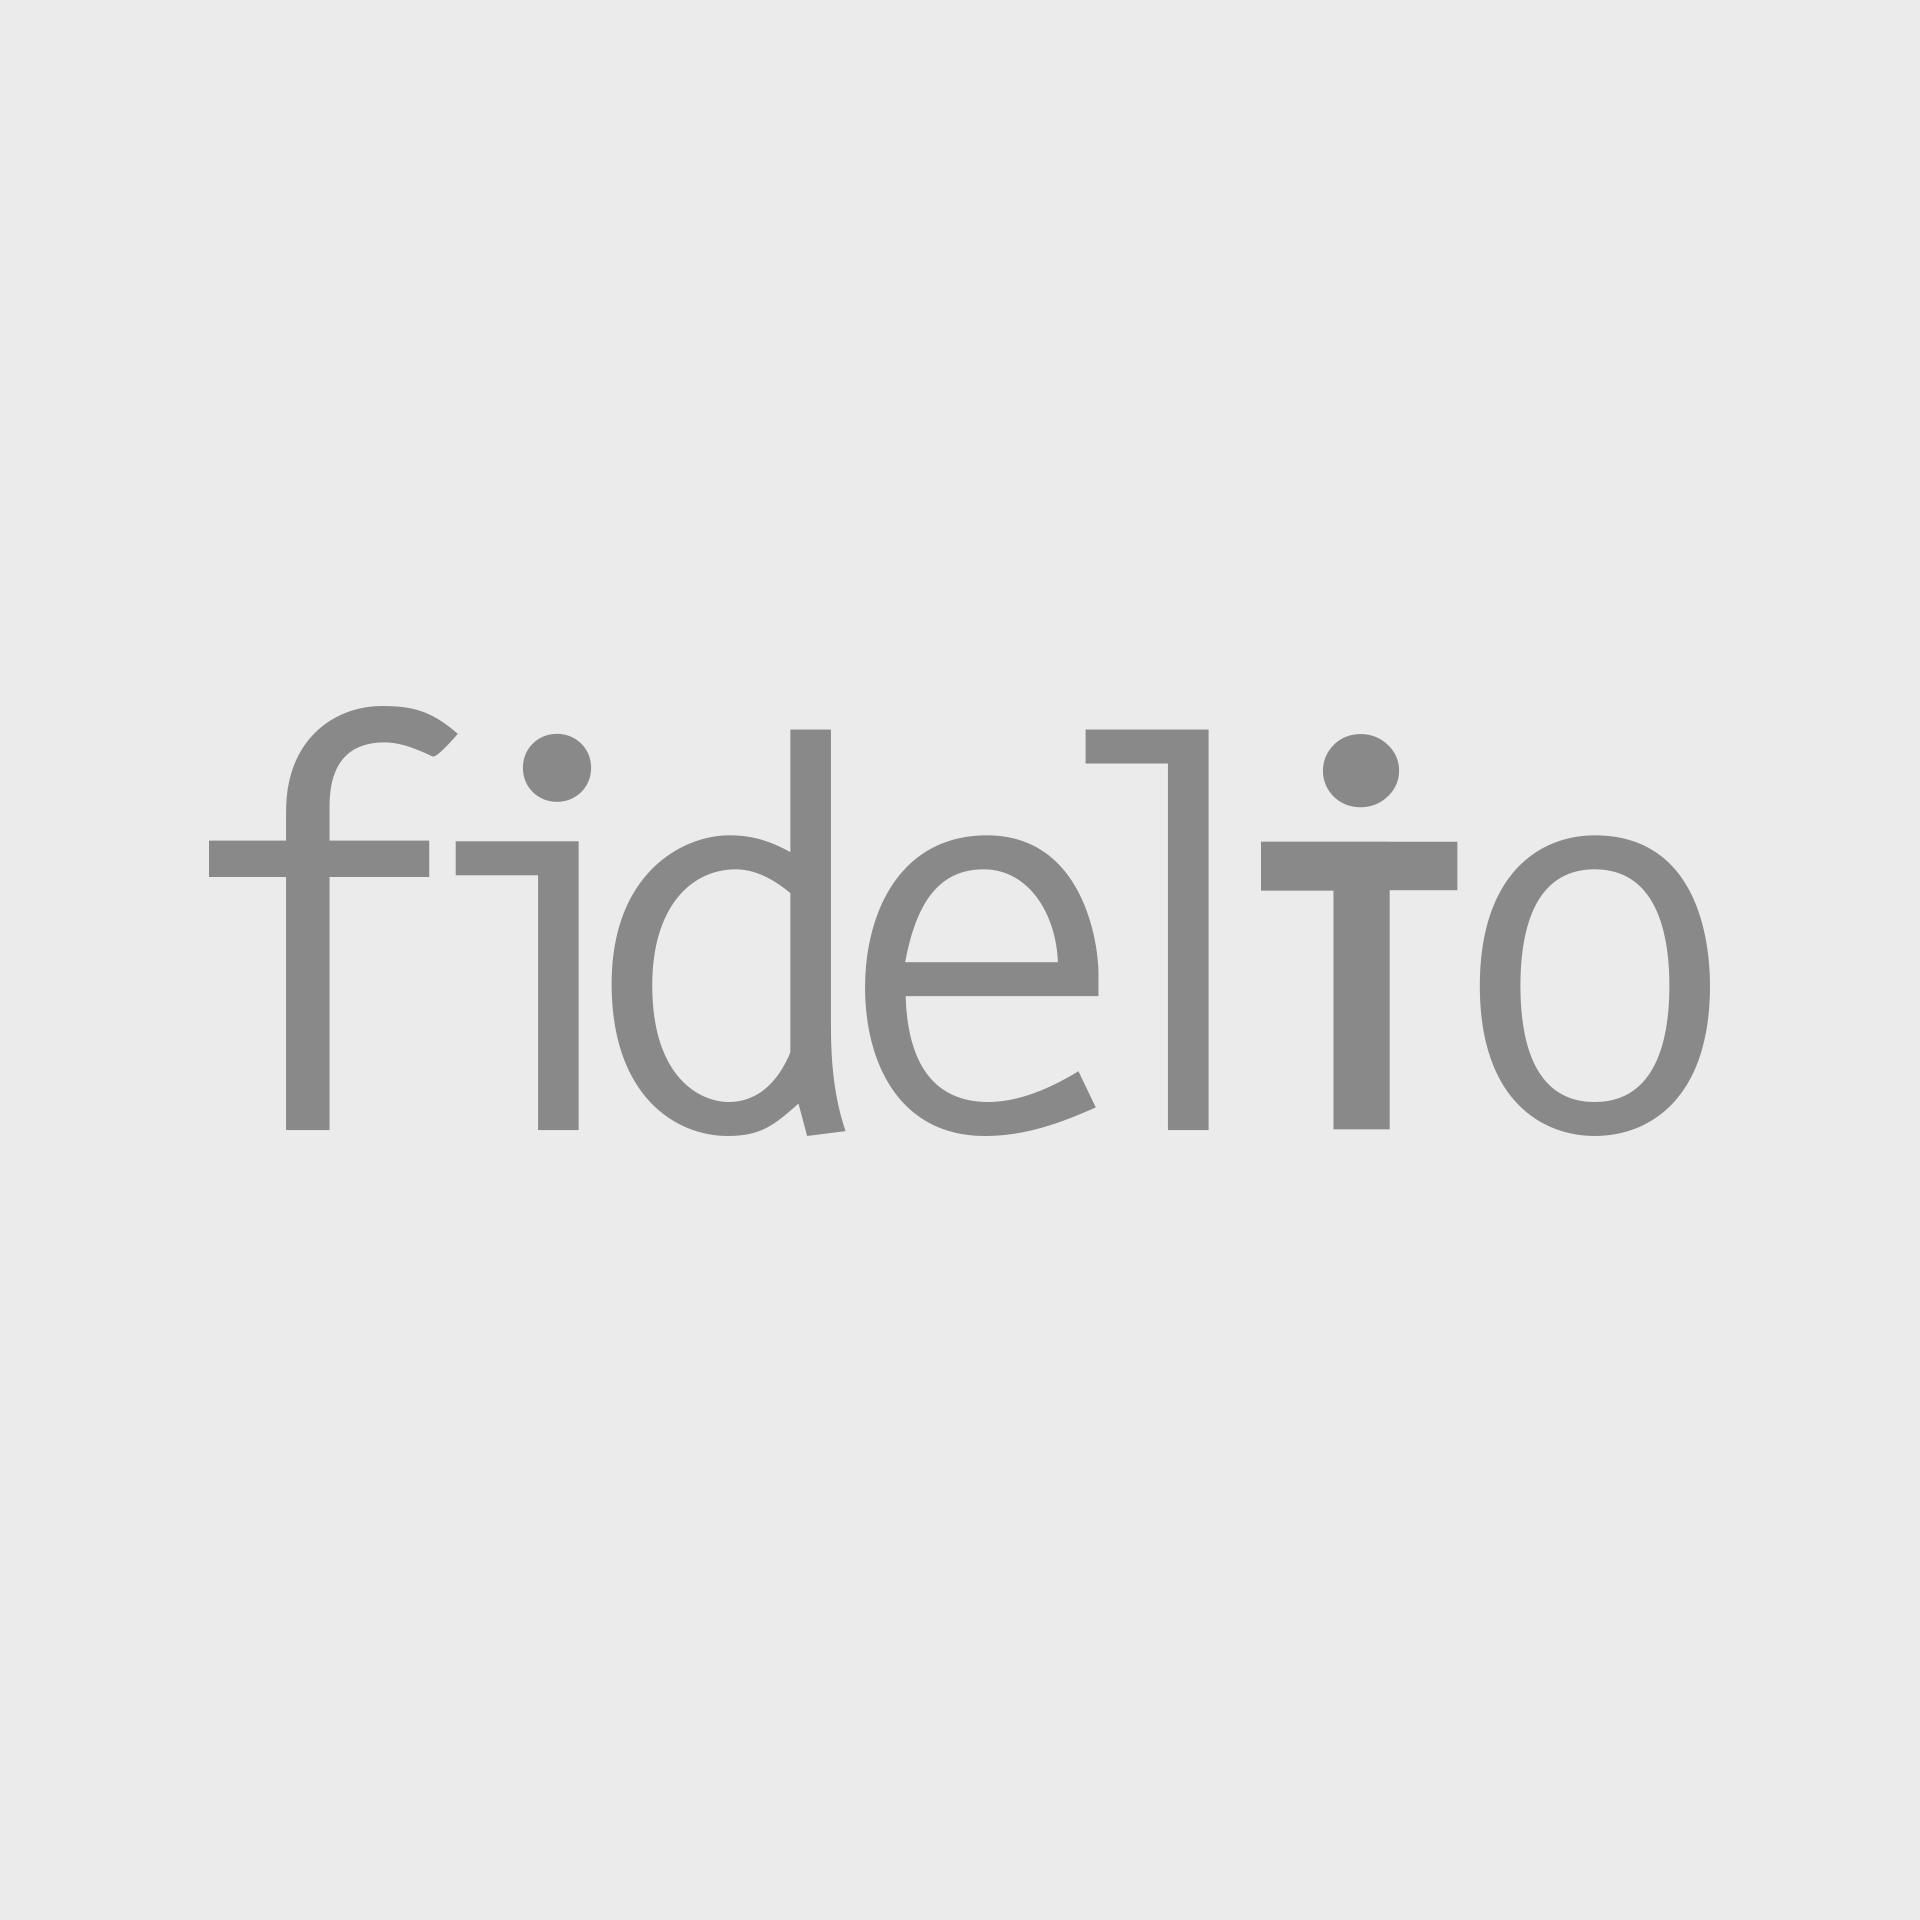 A Fidelio is csatlakozott az Art is Business Díjhoz